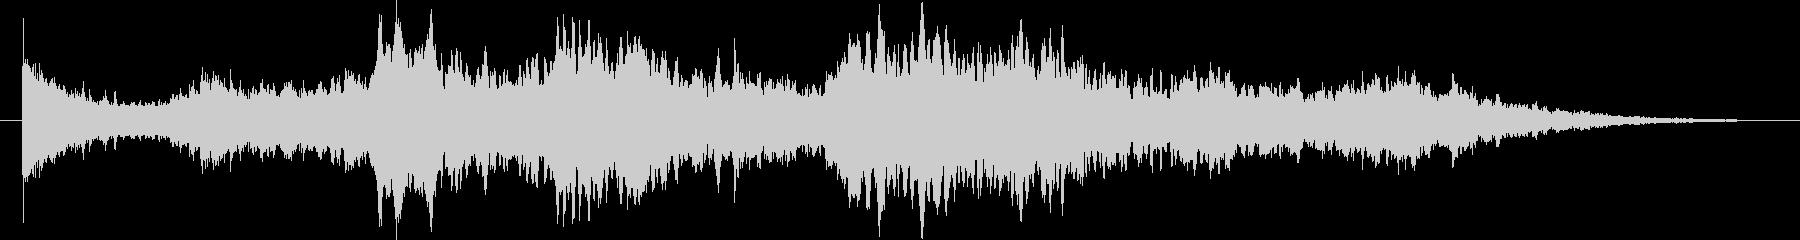 幻想的なシンセサイザーのヒーリング曲Sの未再生の波形